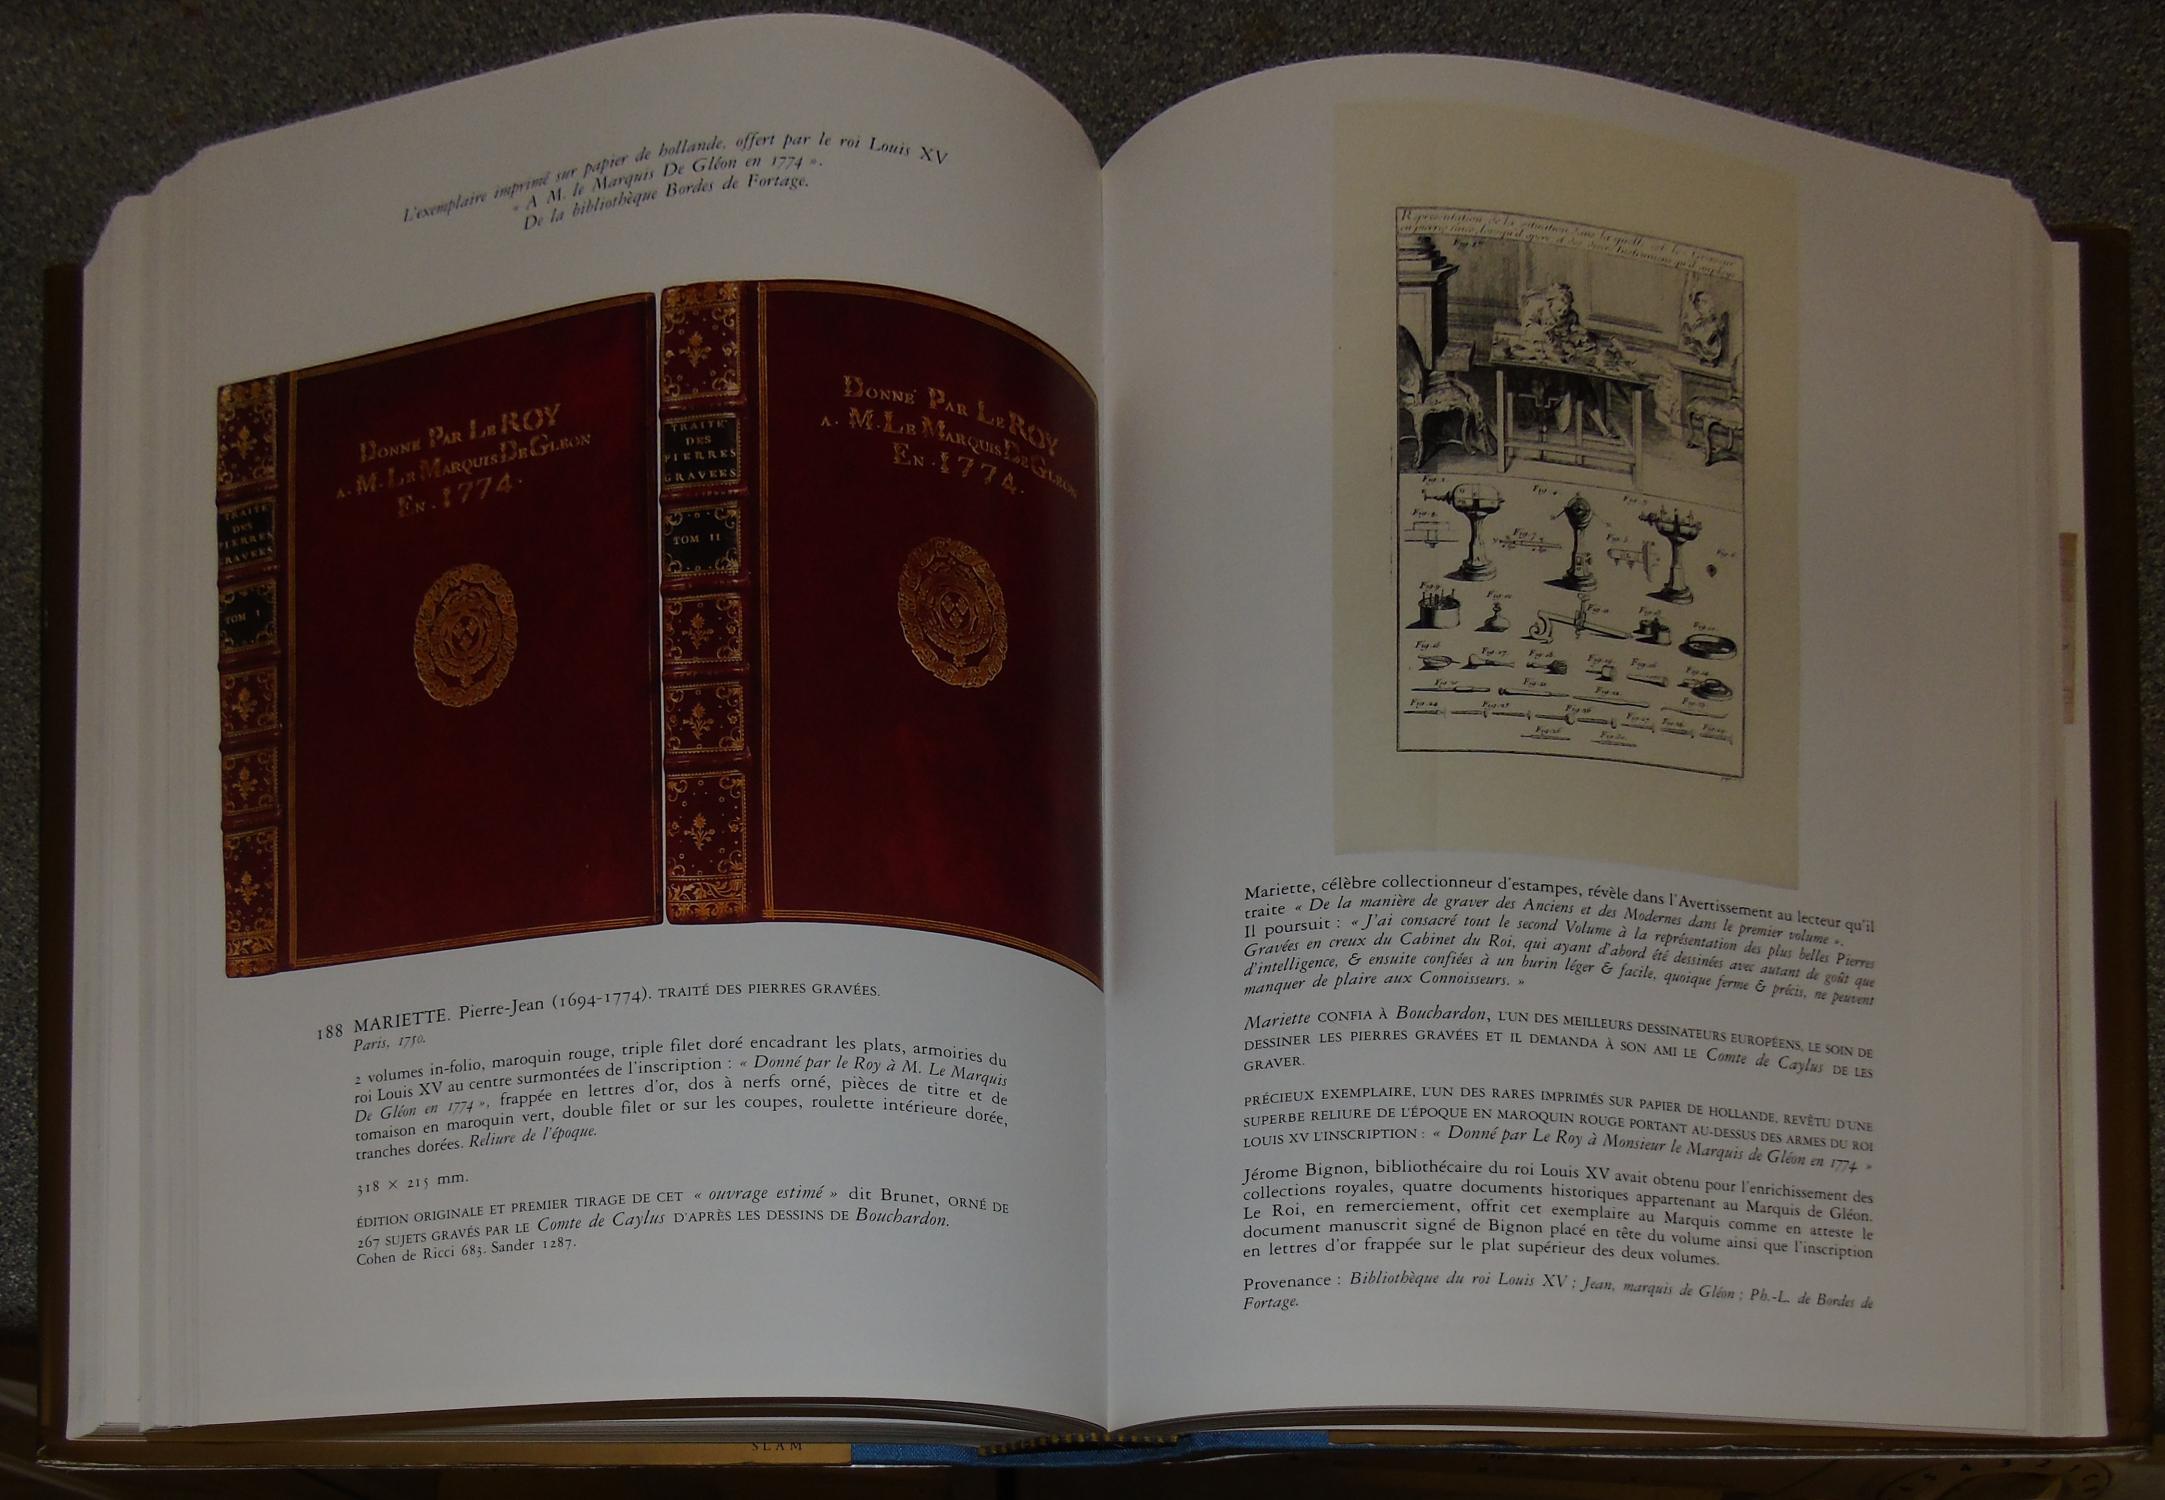 Manuscrits Et Livres Precieux Catalogue No